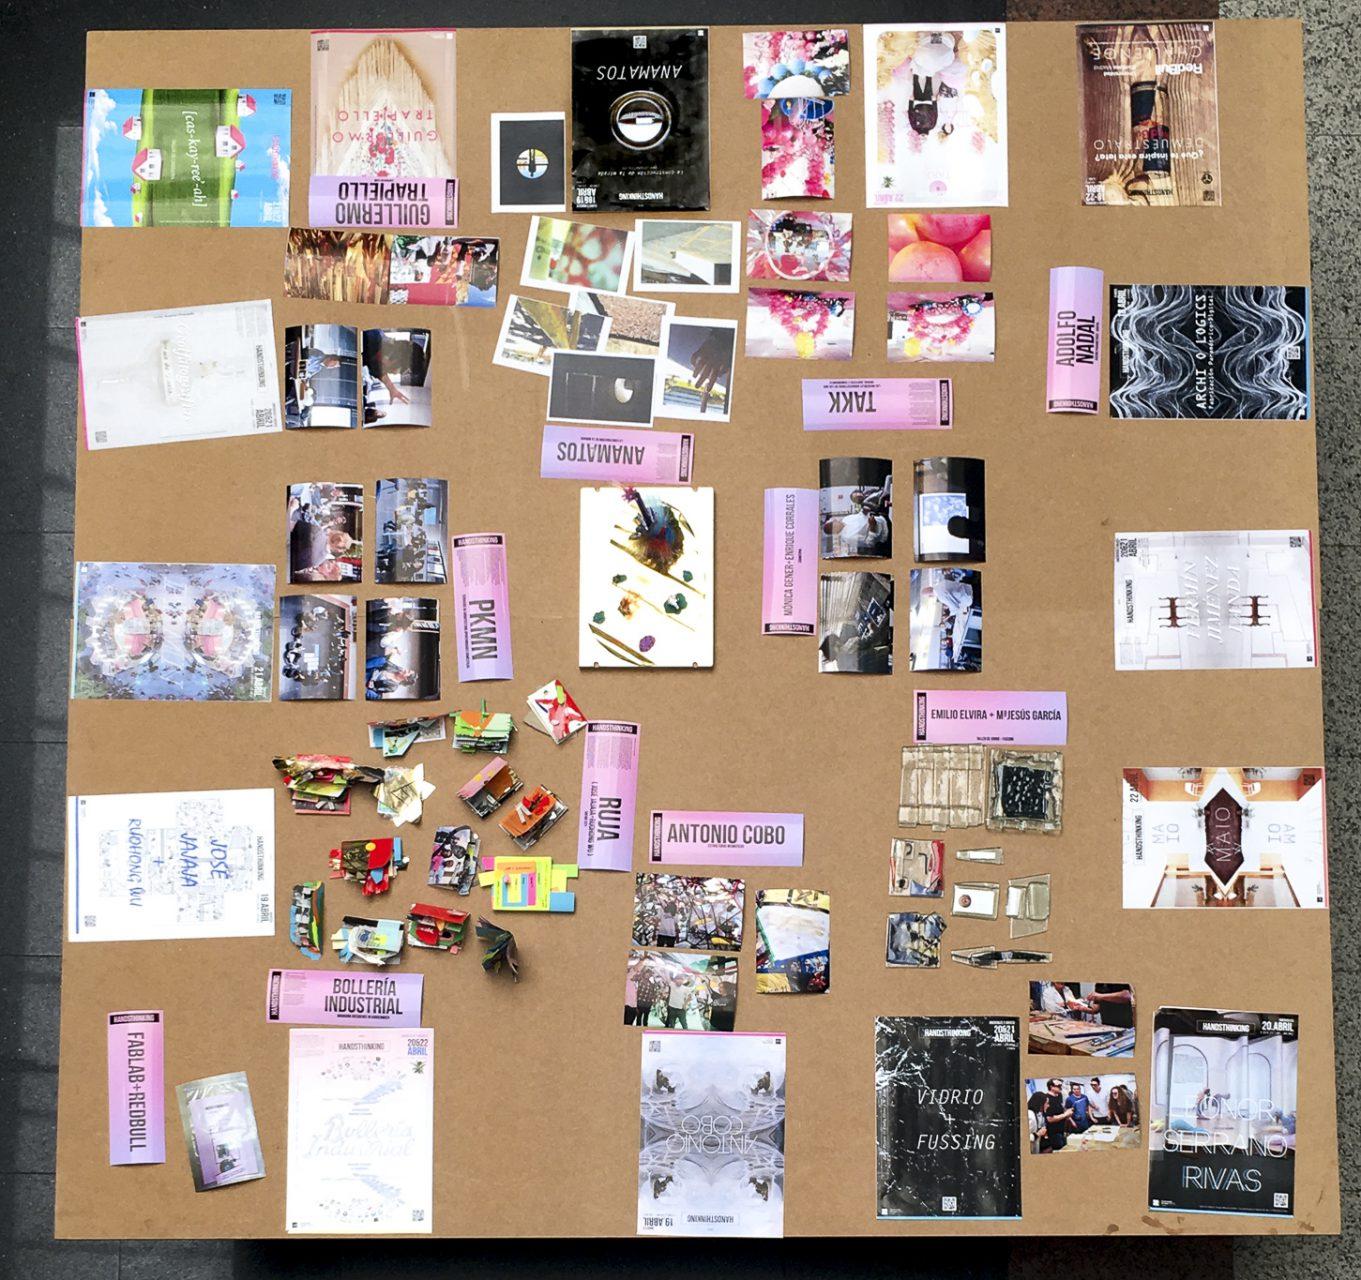 fotos taller handsthinking - la construccion de la mirada-06